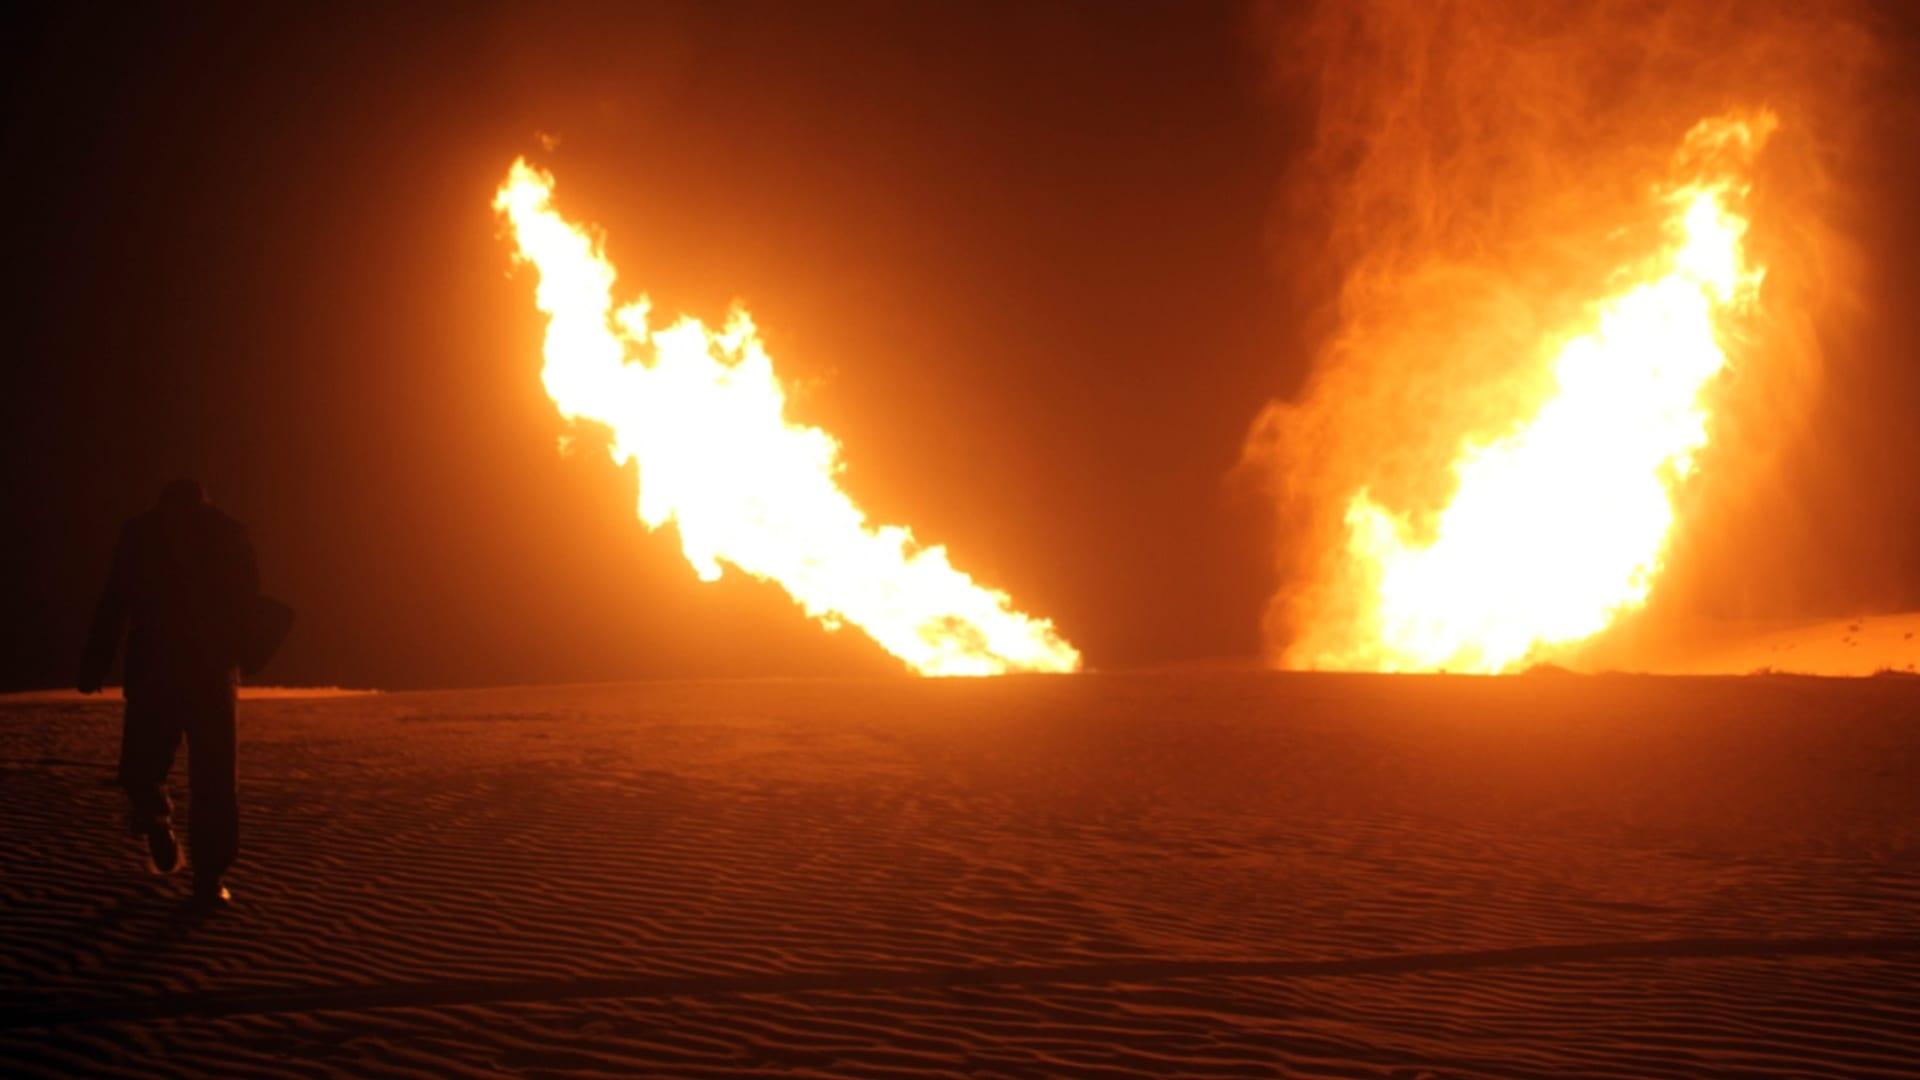 """انفجار """"محدود"""" في خط غاز عابر بين مصر وإسرائيل.. وداعش يتبنى الهجوم"""